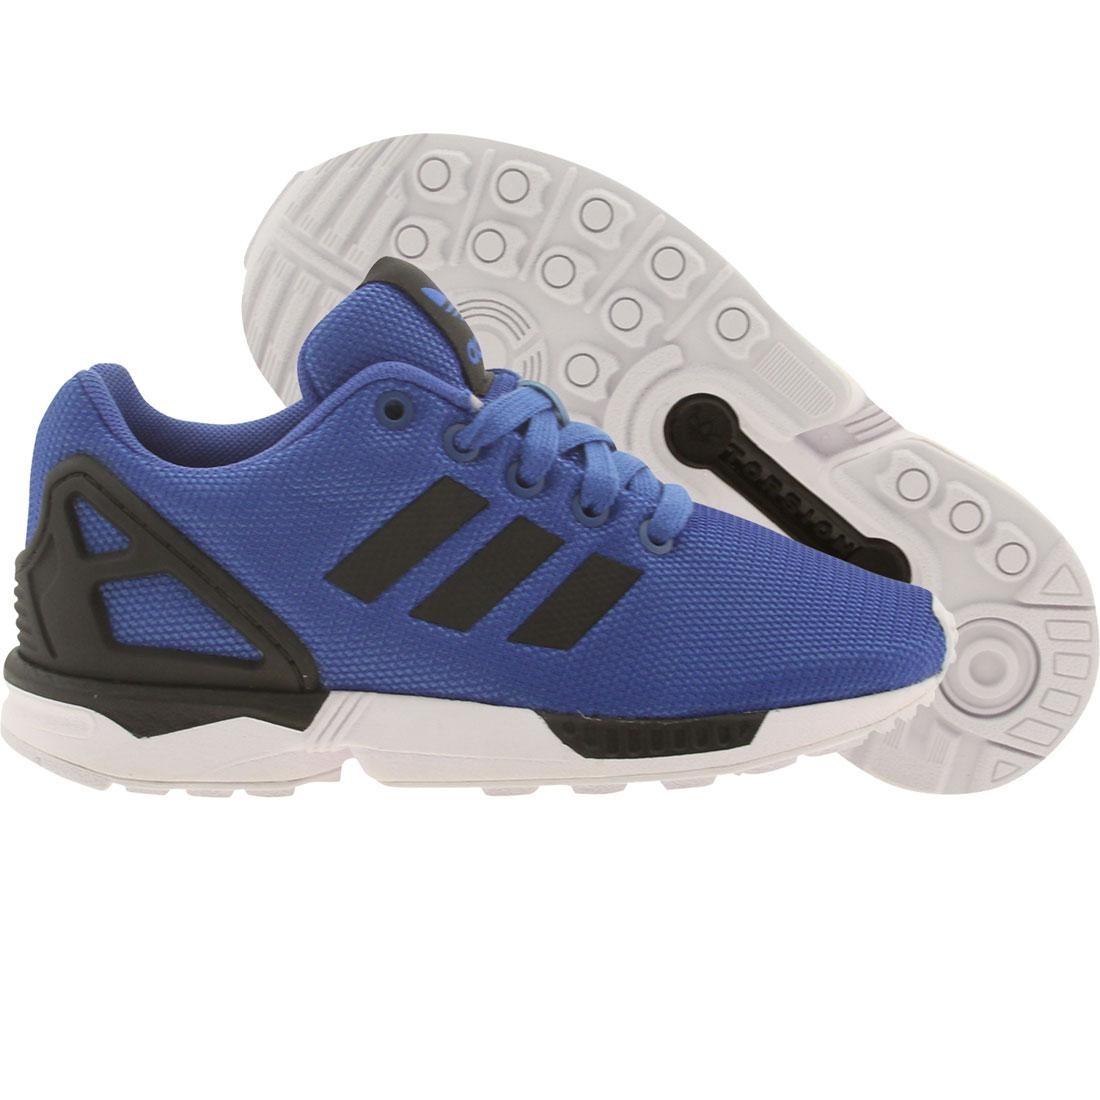 【海外限定】アディダス 黒 ブラック 靴 キッズ 【 ADIDAS BLACK LITTLE KIDS ZX FLUX K BLUE FTWWHT 】